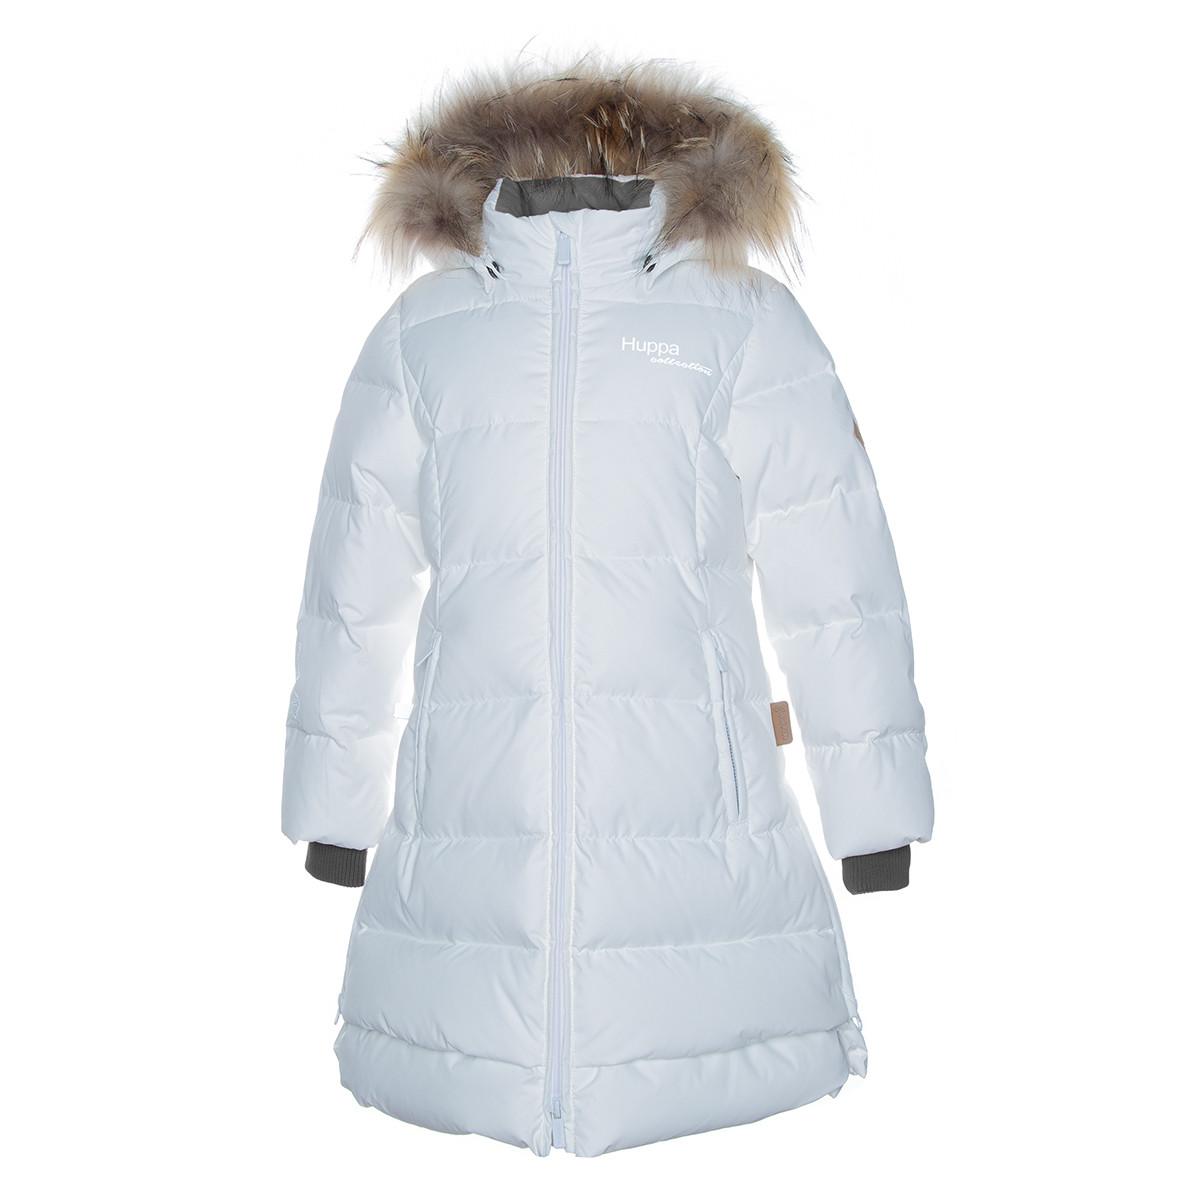 Пальто для женщин Huppa PARISH, белый